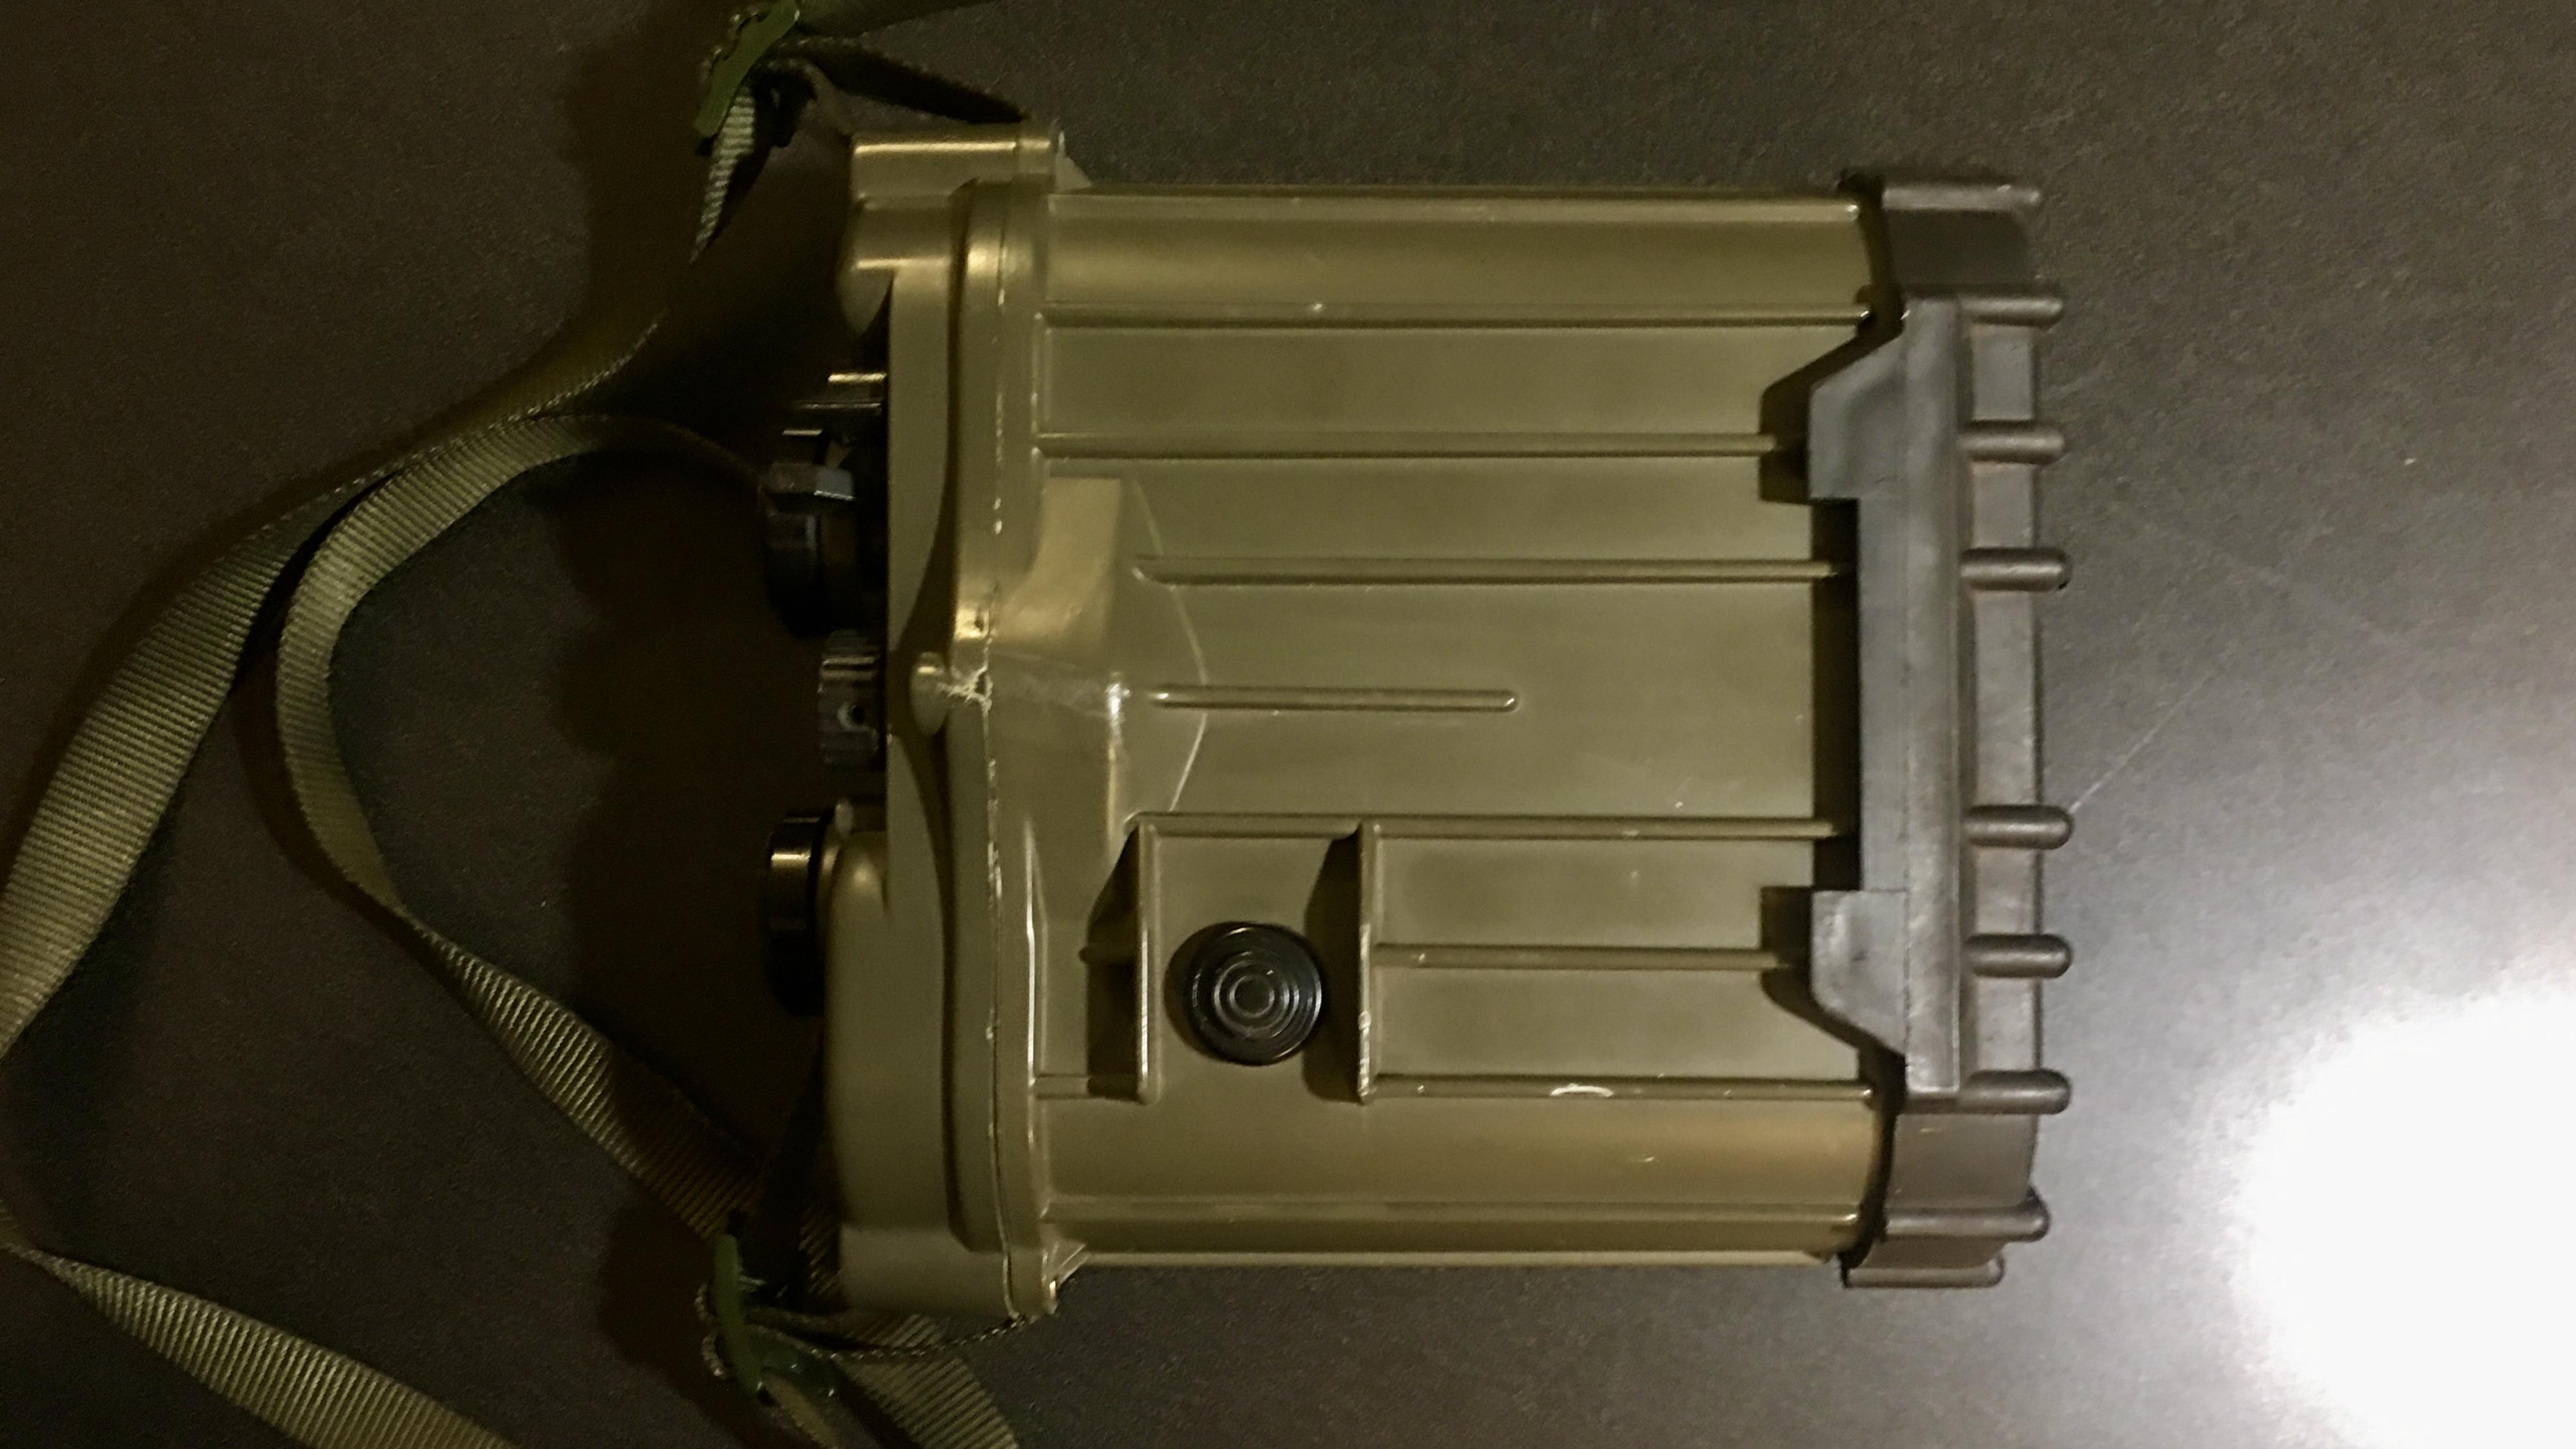 BA29D35D-1B93-4B79-9B1D-A930E449DD75.jpeg